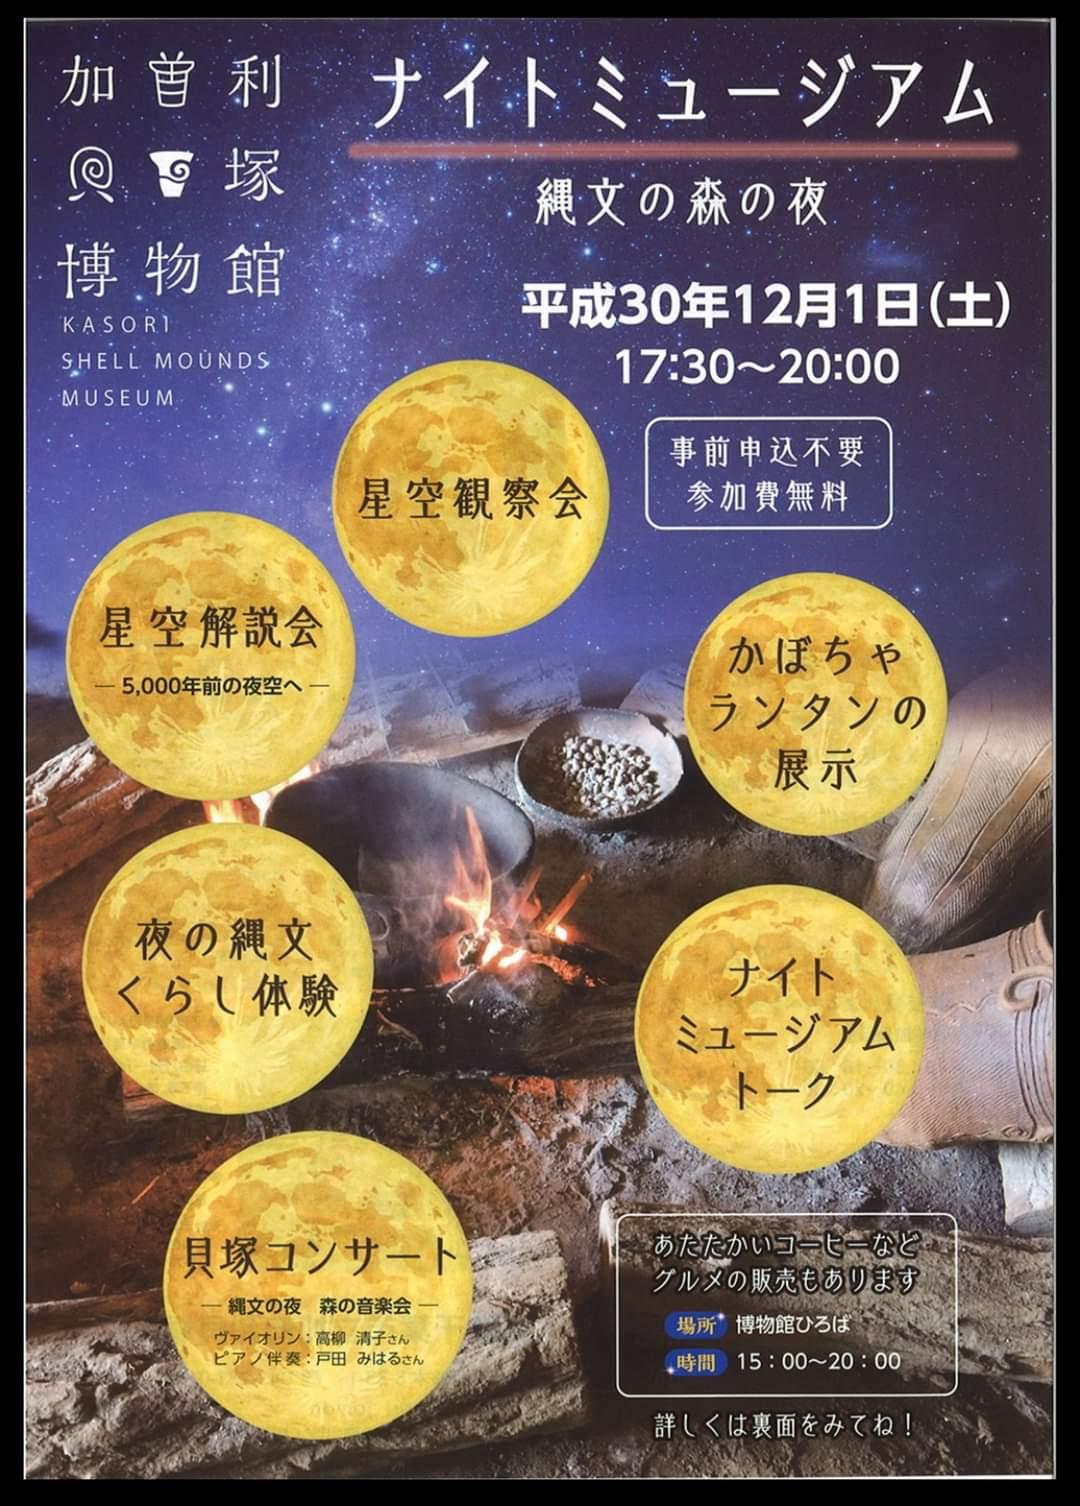 加曾利貝塚ナイトコンサート